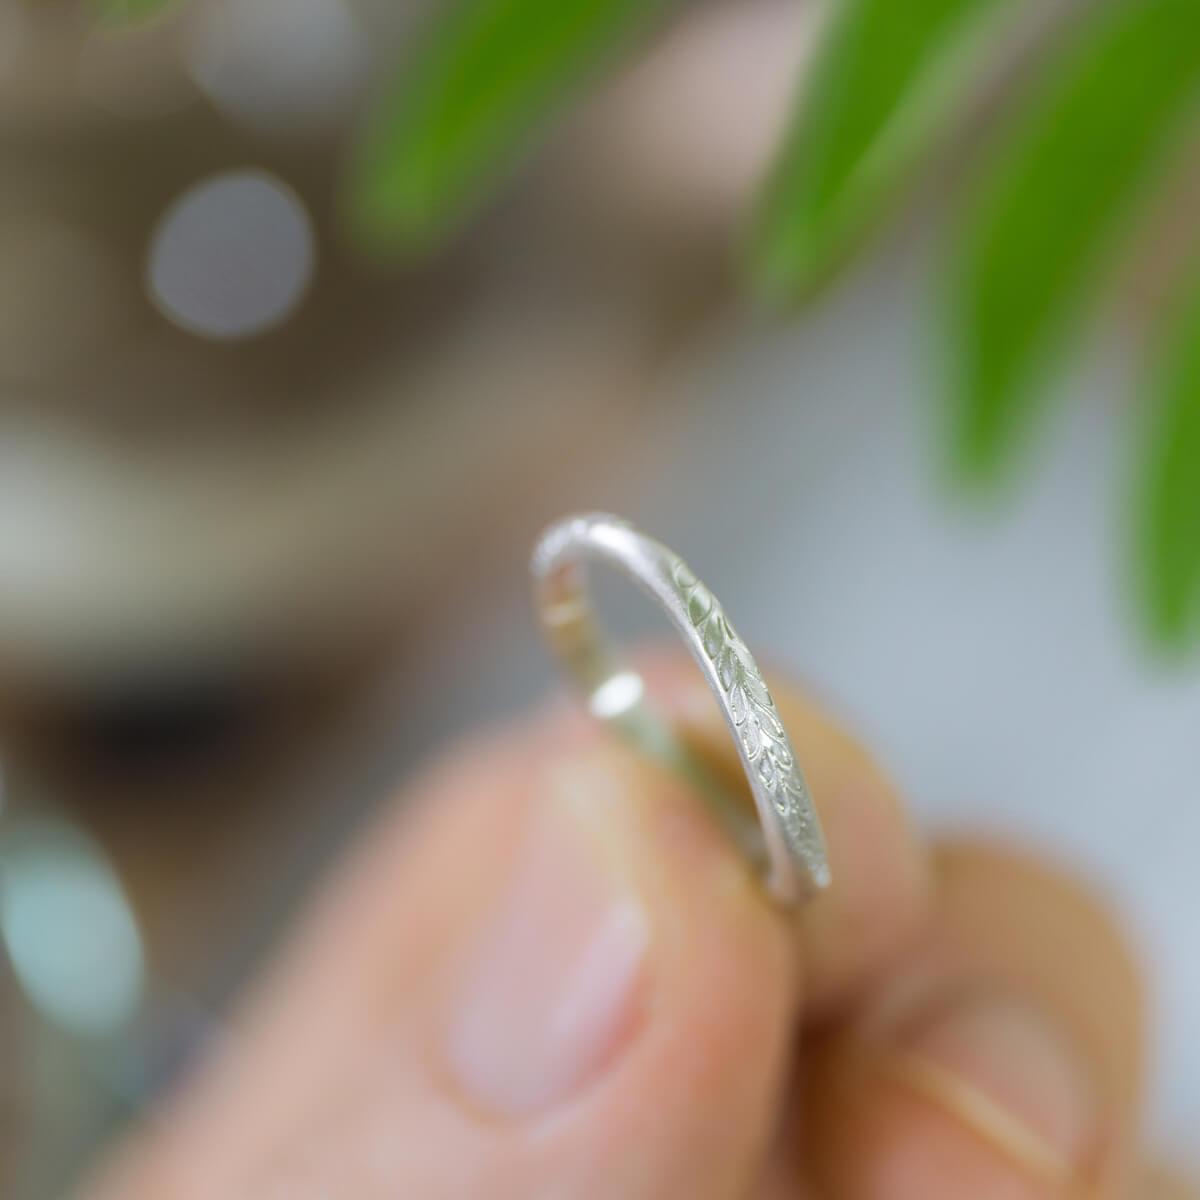 角度2 オーダーメイドマリッジリング ジュエリーのアトリエ 手に持って 屋久島のシダモチーフ シルバー 屋久島でつくる結婚指輪